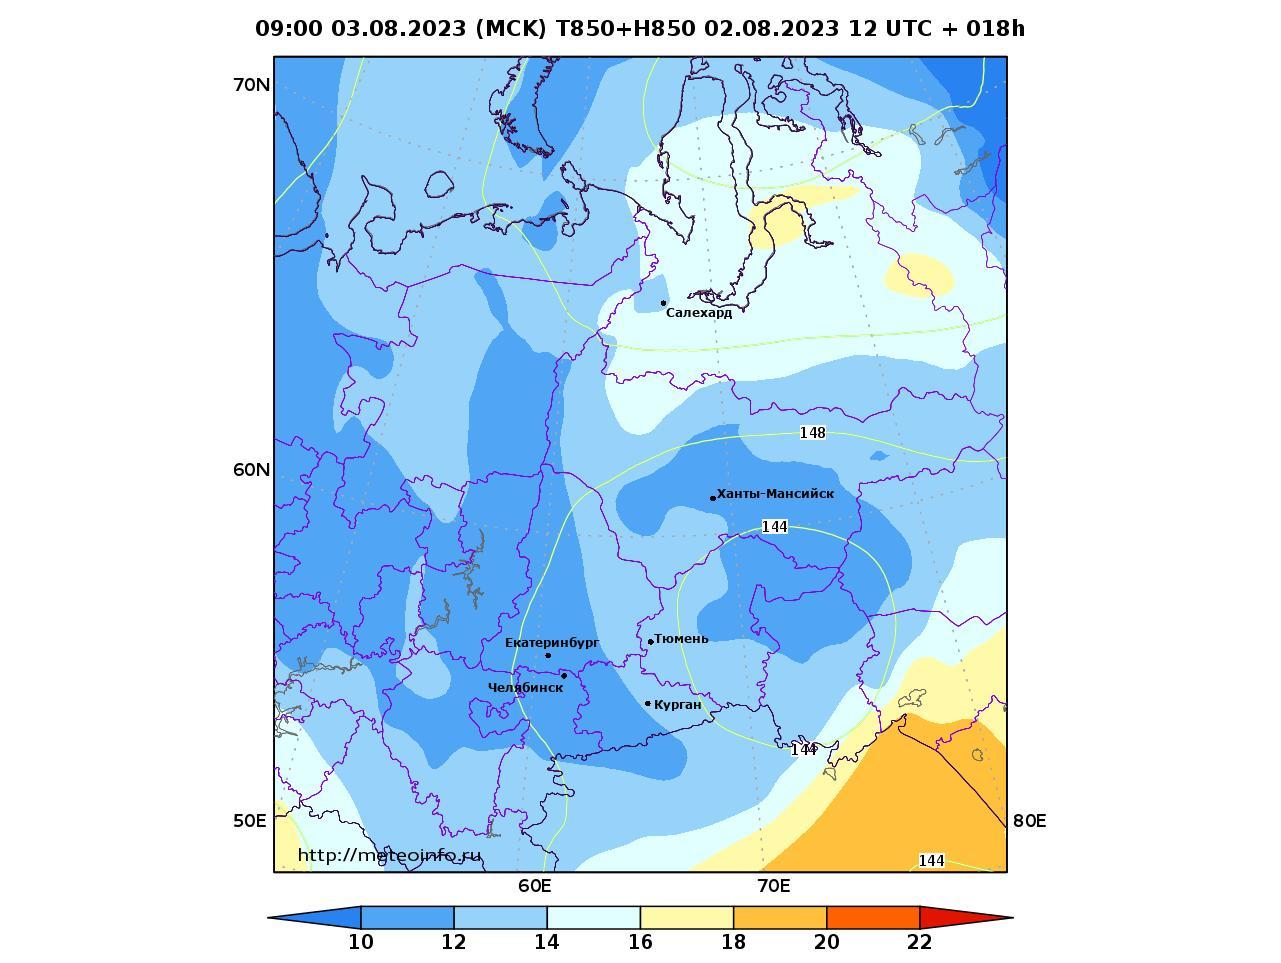 Уральский Федеральный округ, прогностическая карта температура T850 и геопотенциал H850, заблаговременность прогноза 18 часов